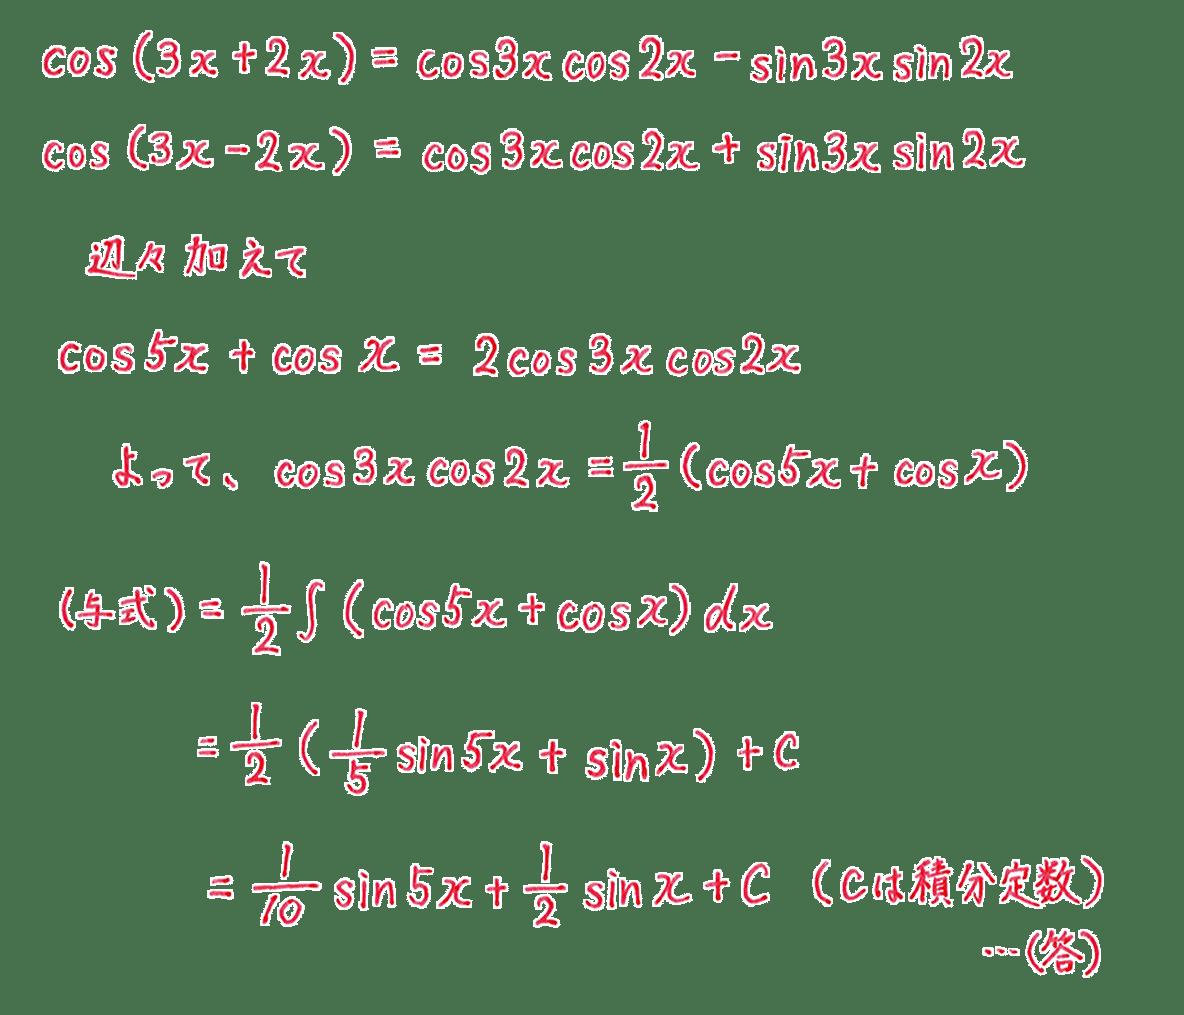 積分法とその応用23 問題 答え